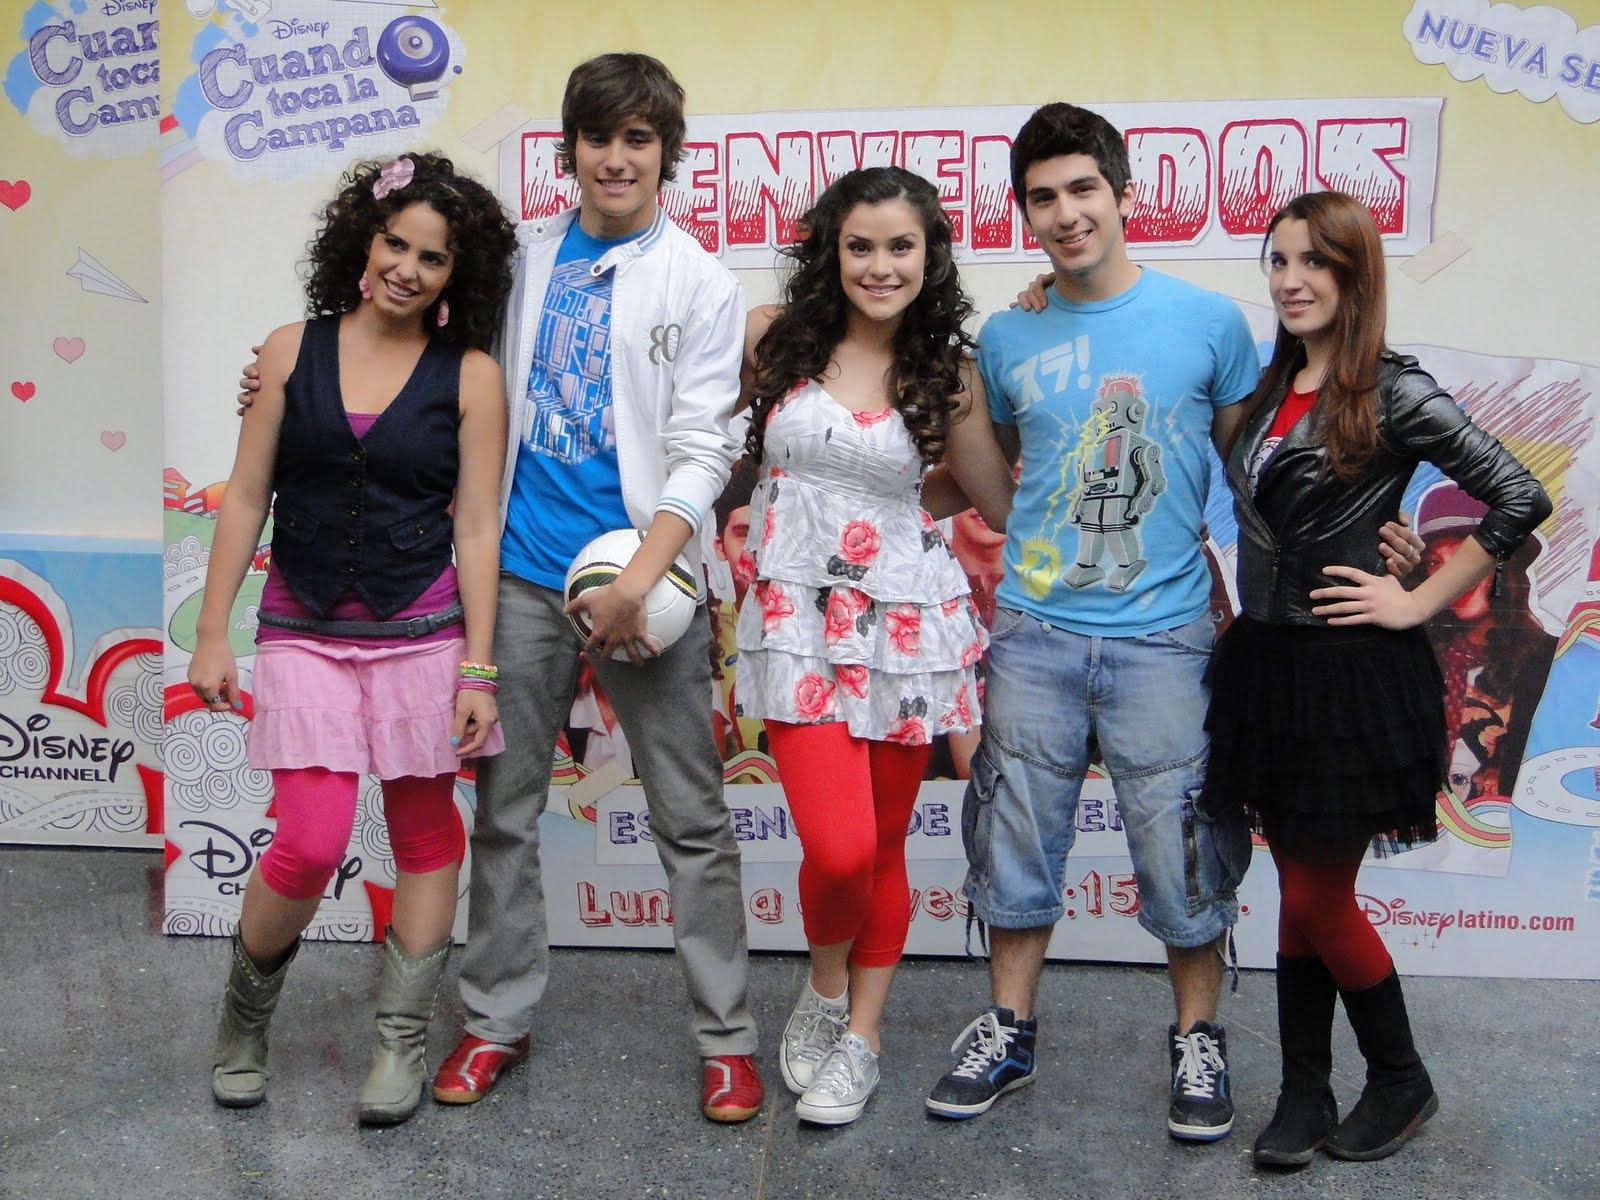 pretty nice 1205f 0af31 Cine Informacion y mas  Disney Channel - Presentacion talento mexicano de  la serie  Cuando Toca la Campana